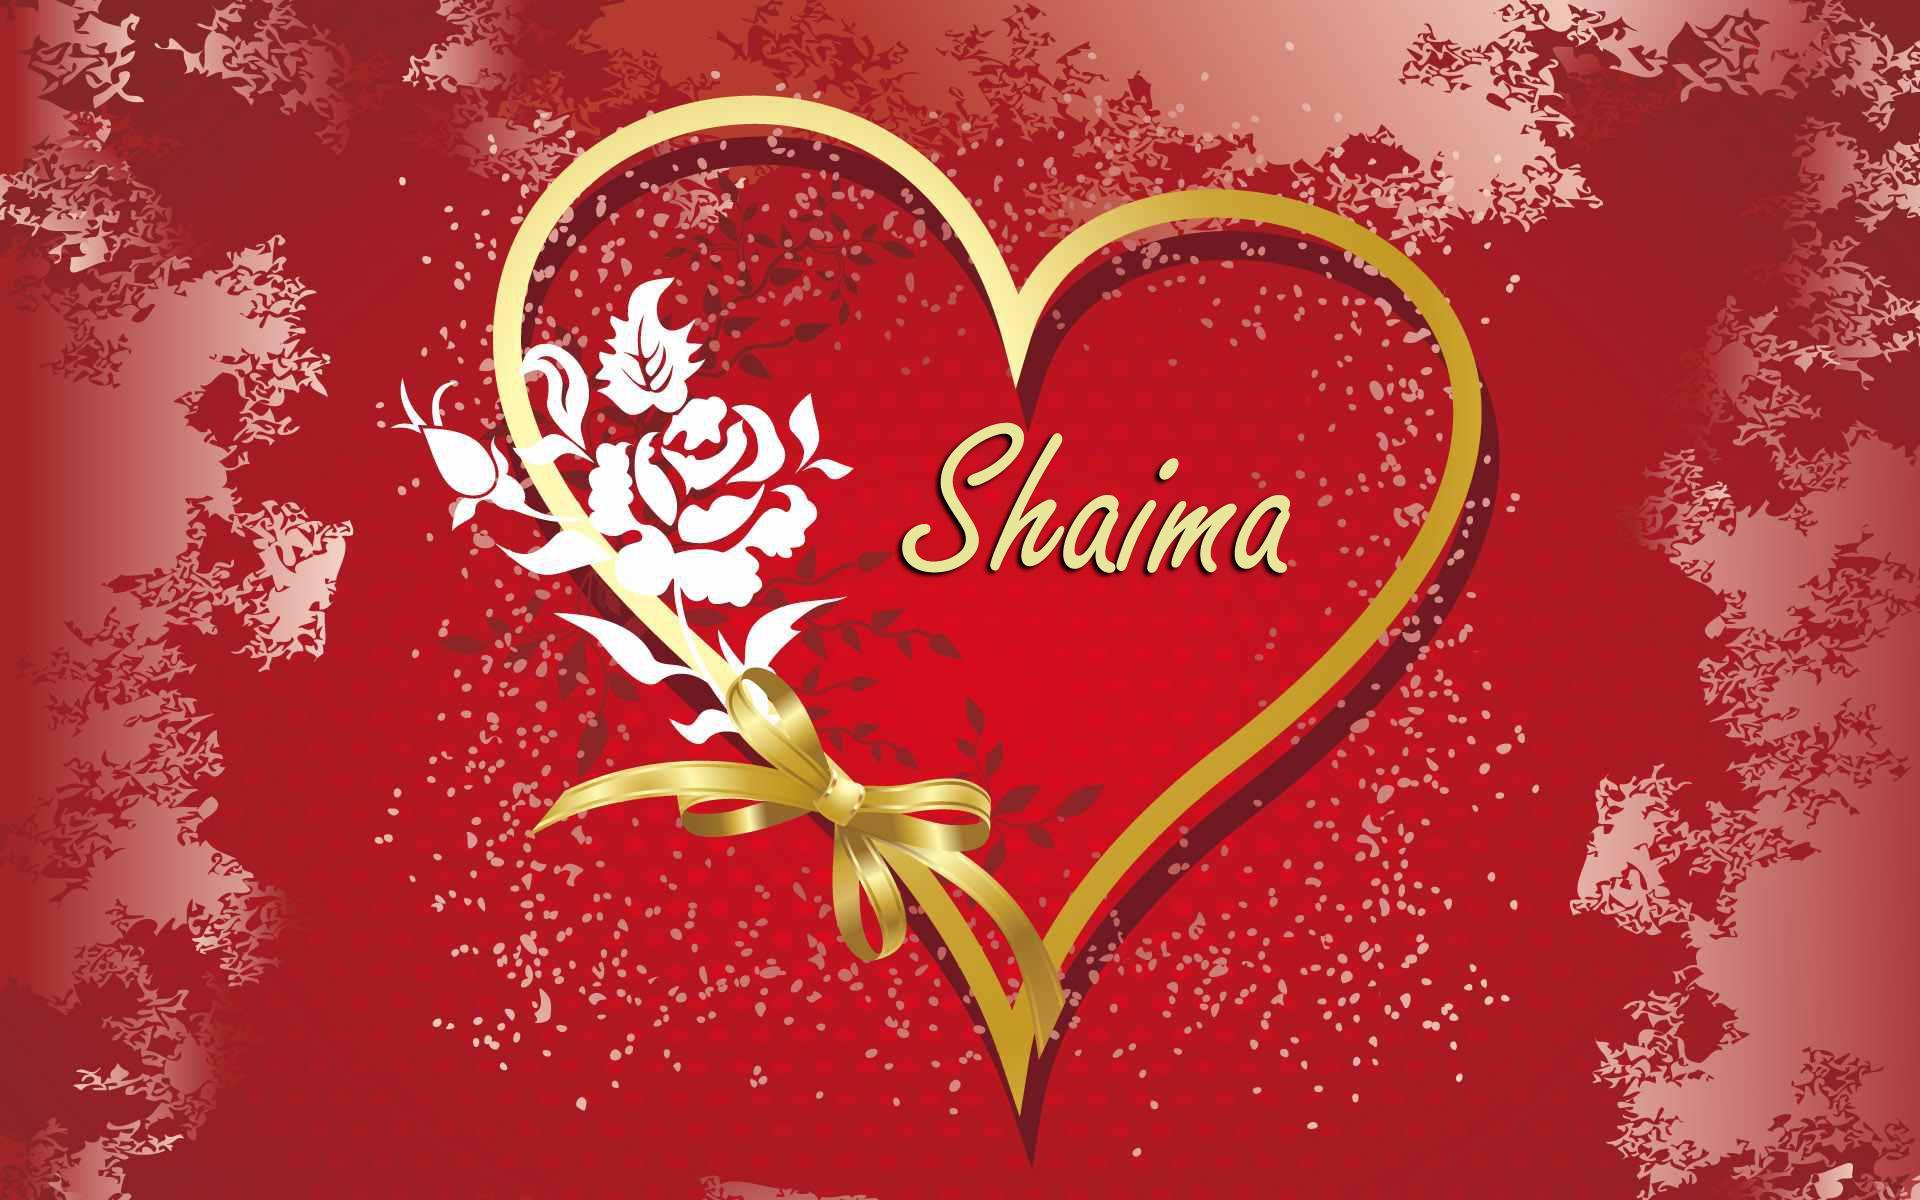 صور اسم شيماء متحرك , رمزيات لاسم شيماء للفيس بوك